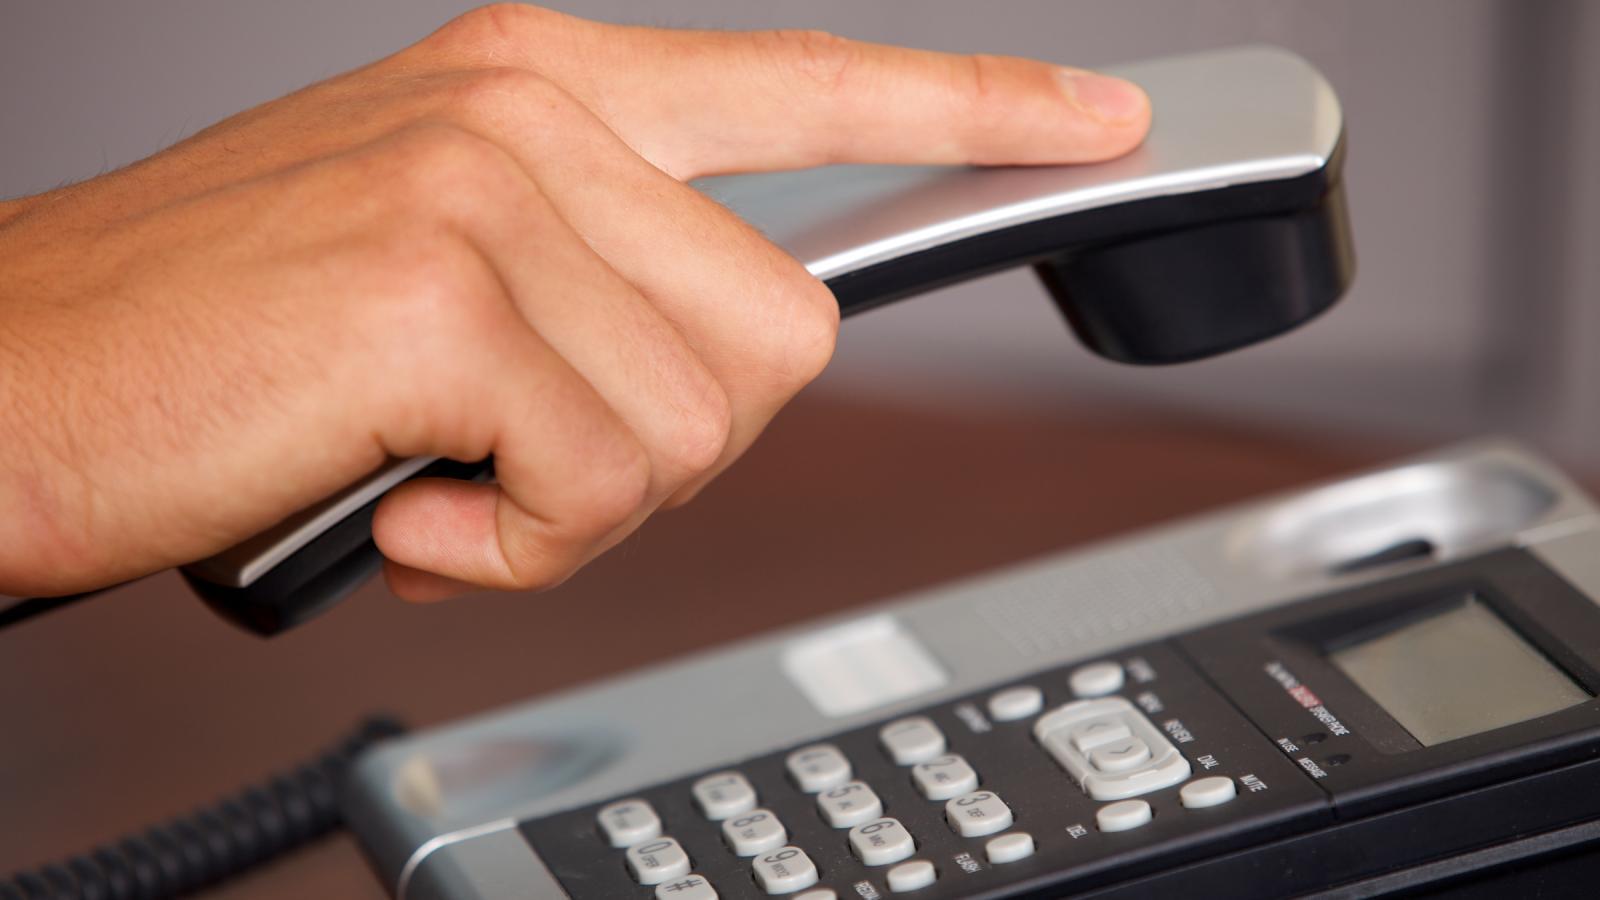 По «Телефону здоровья» вологжанам расскажут о заболеваниях в пожилом возрасте